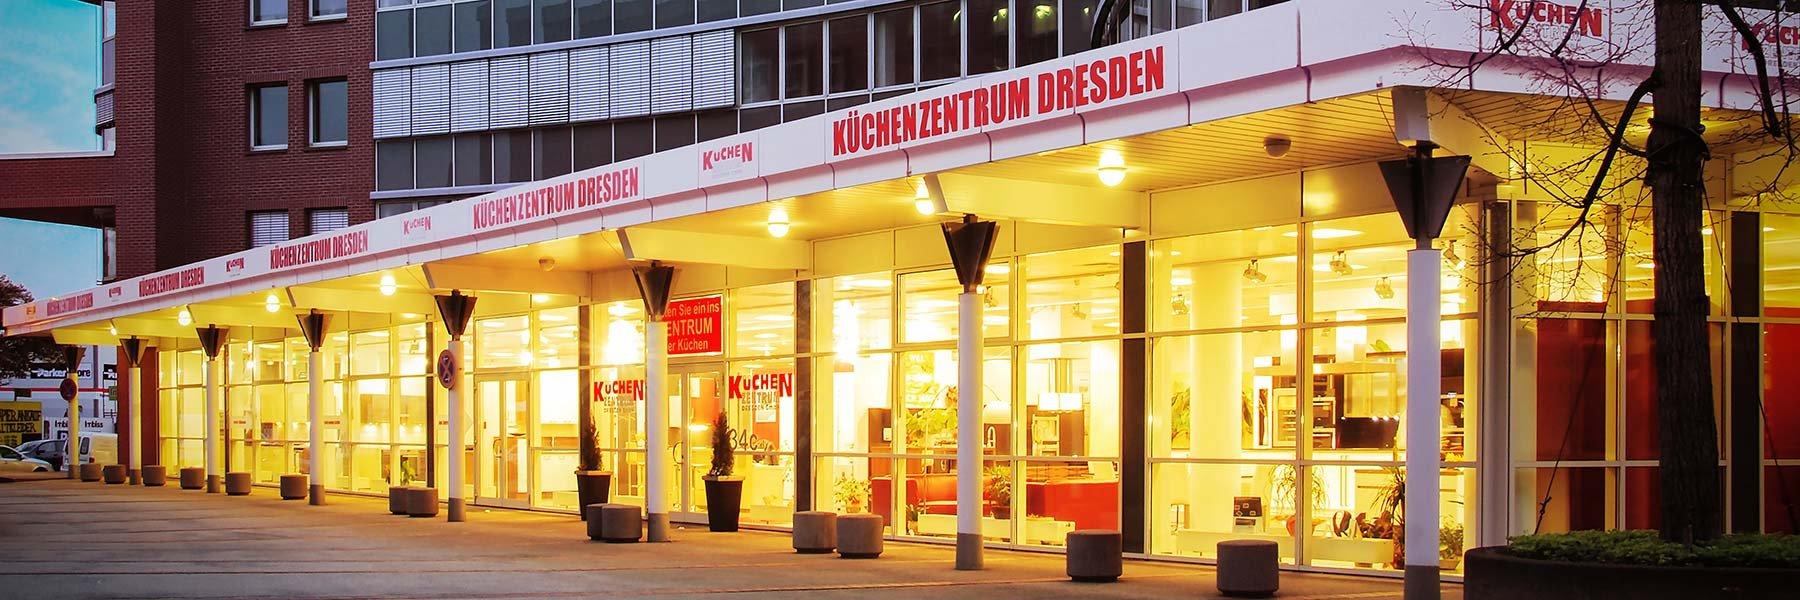 Küchenzentrum Dresden - Mehr als ein Küchenstudio